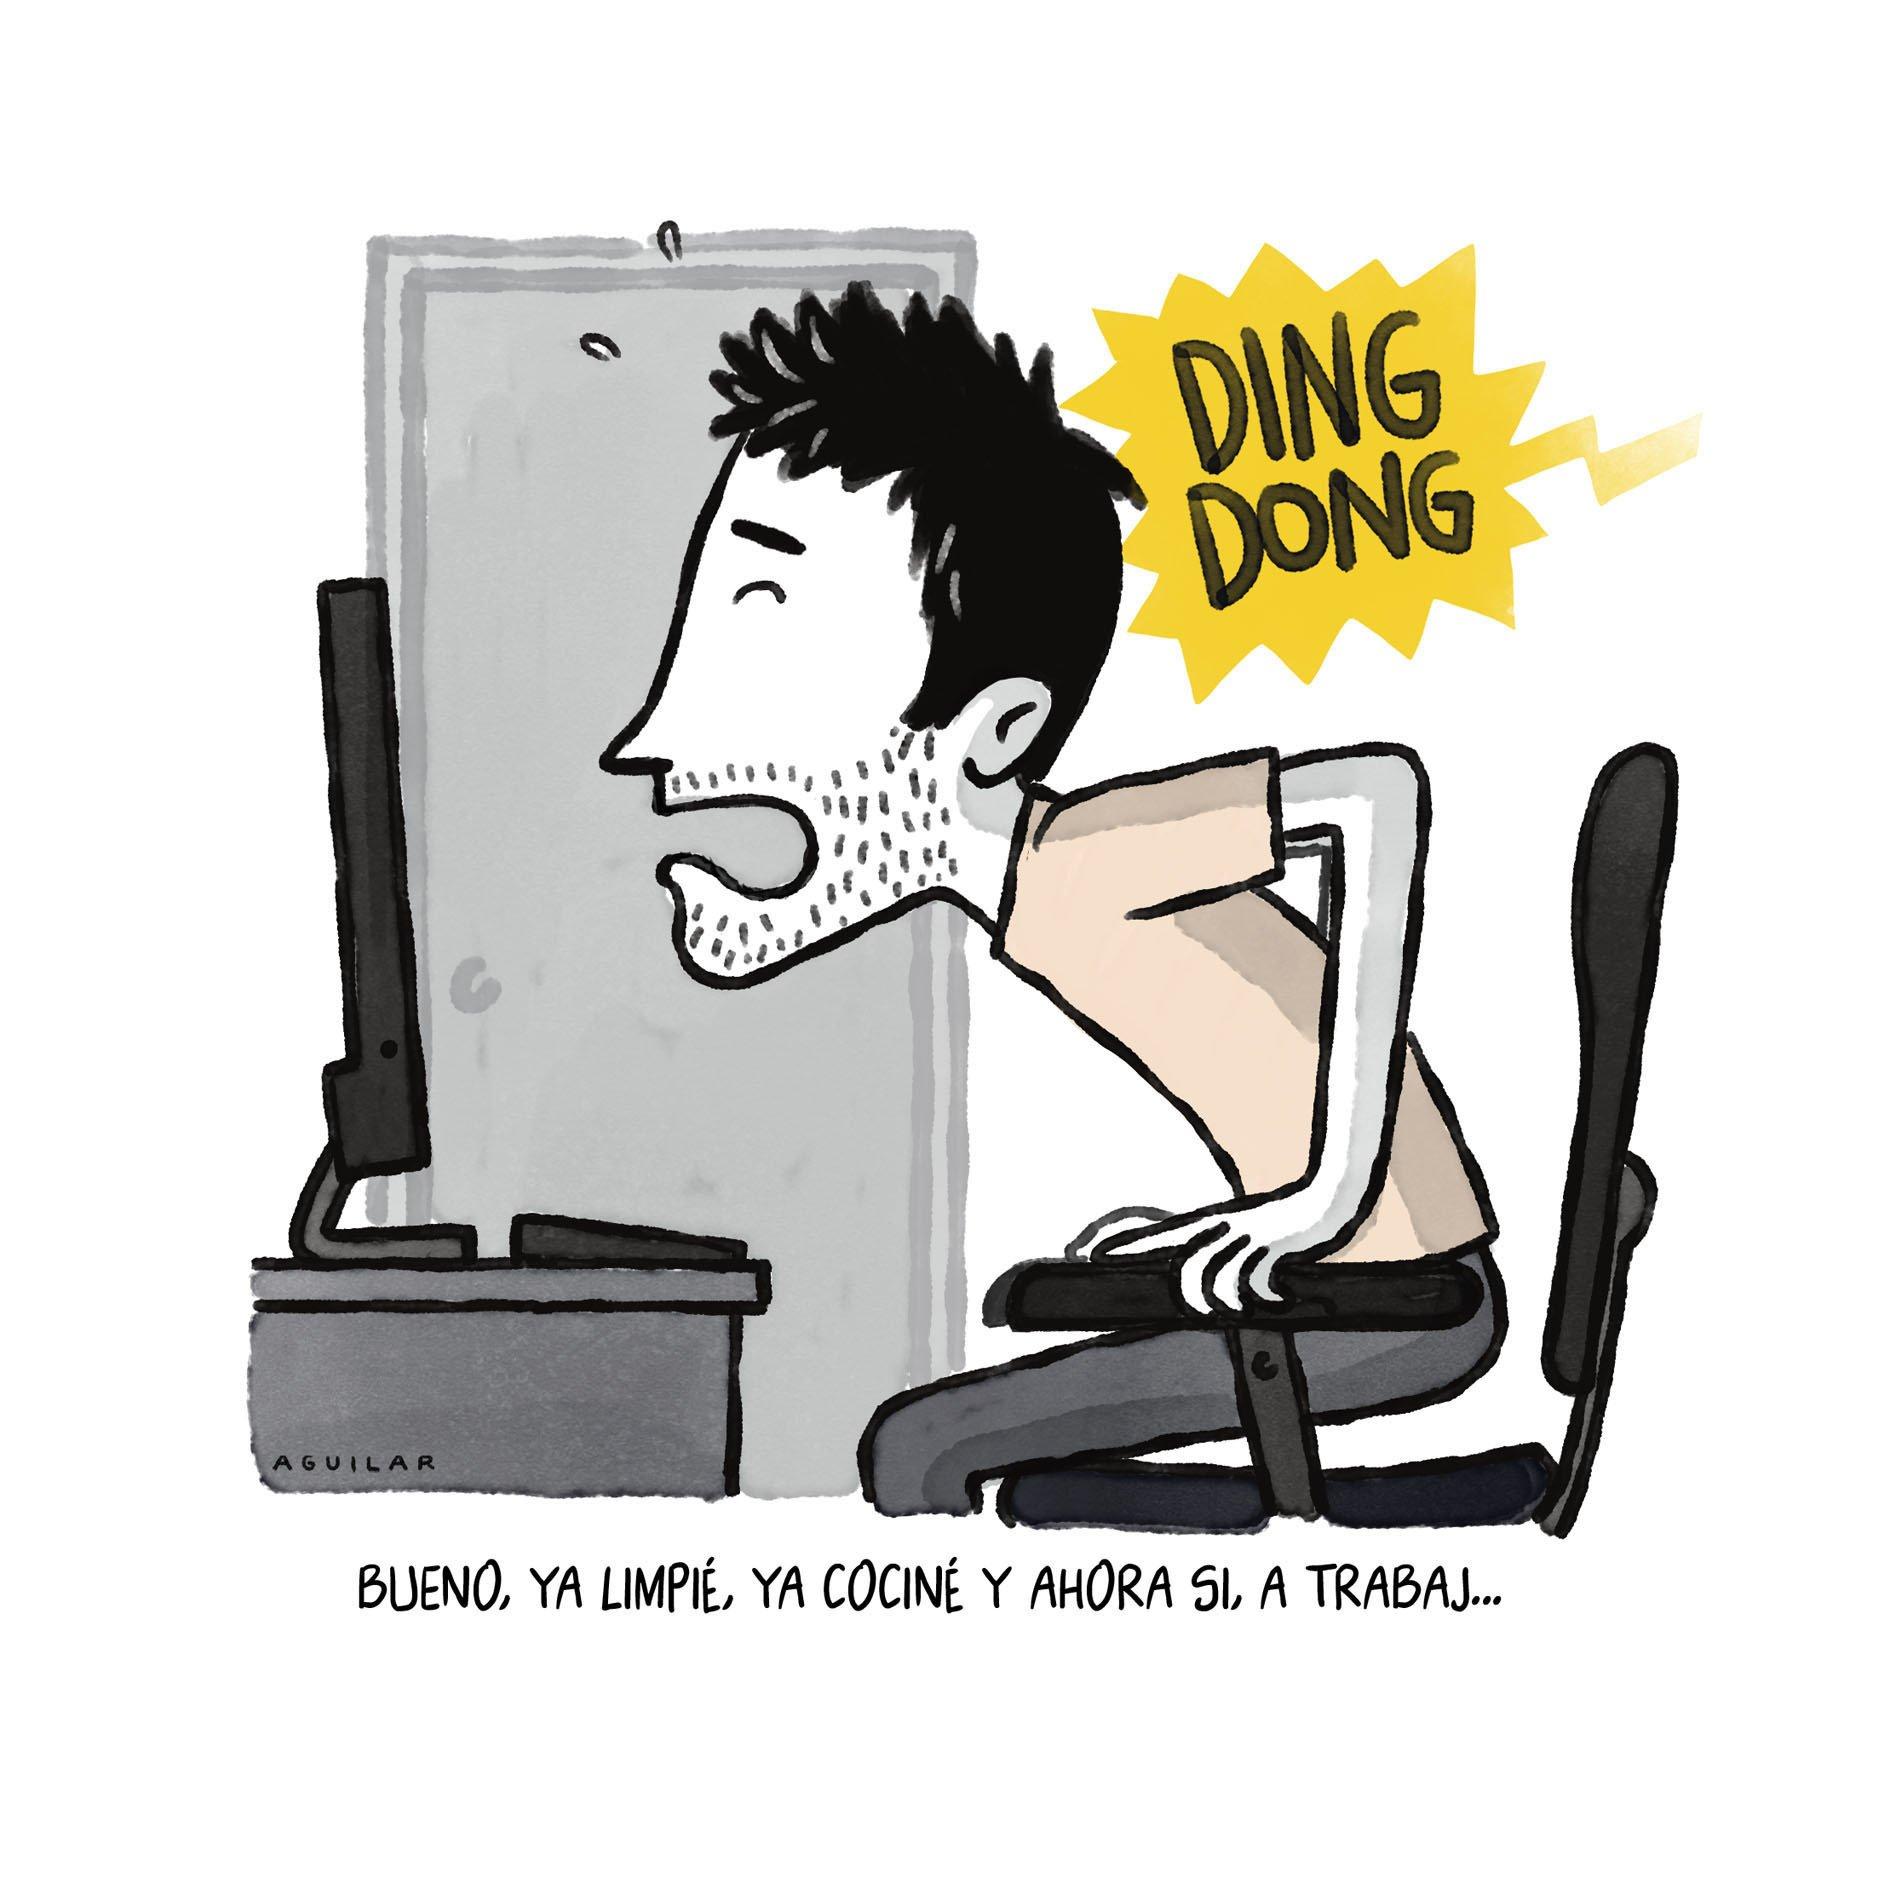 hombre joven que no puede concentrarse trabajando desde casa porque tiene demasiadas interrupciones